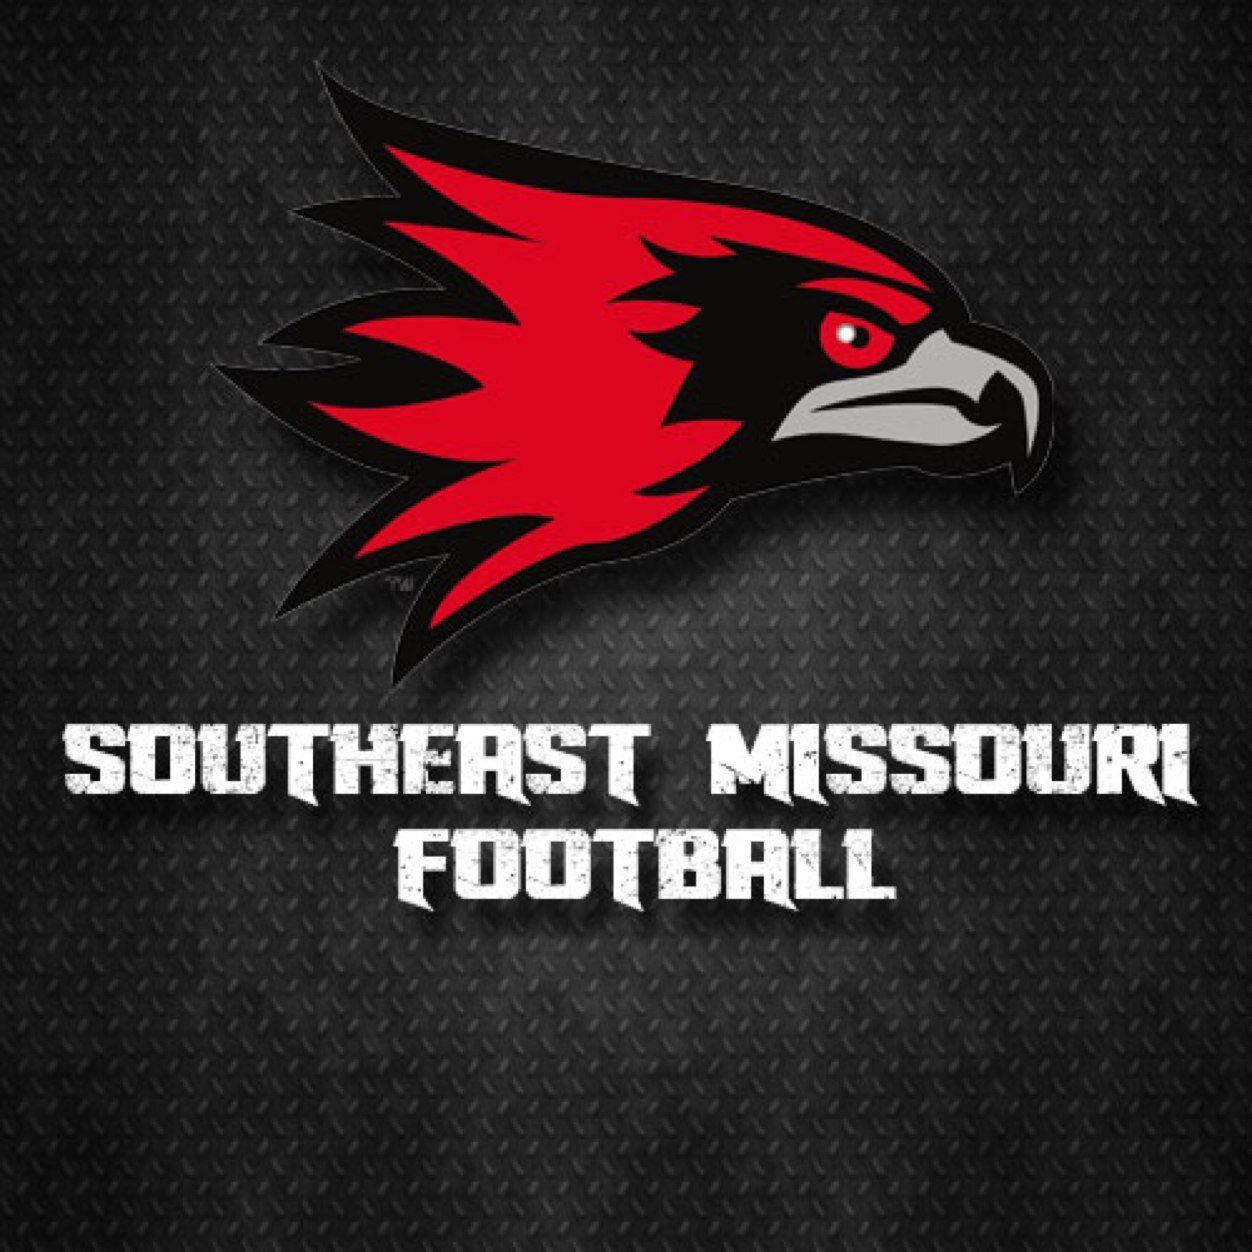 Southeast Missouri State University - Football